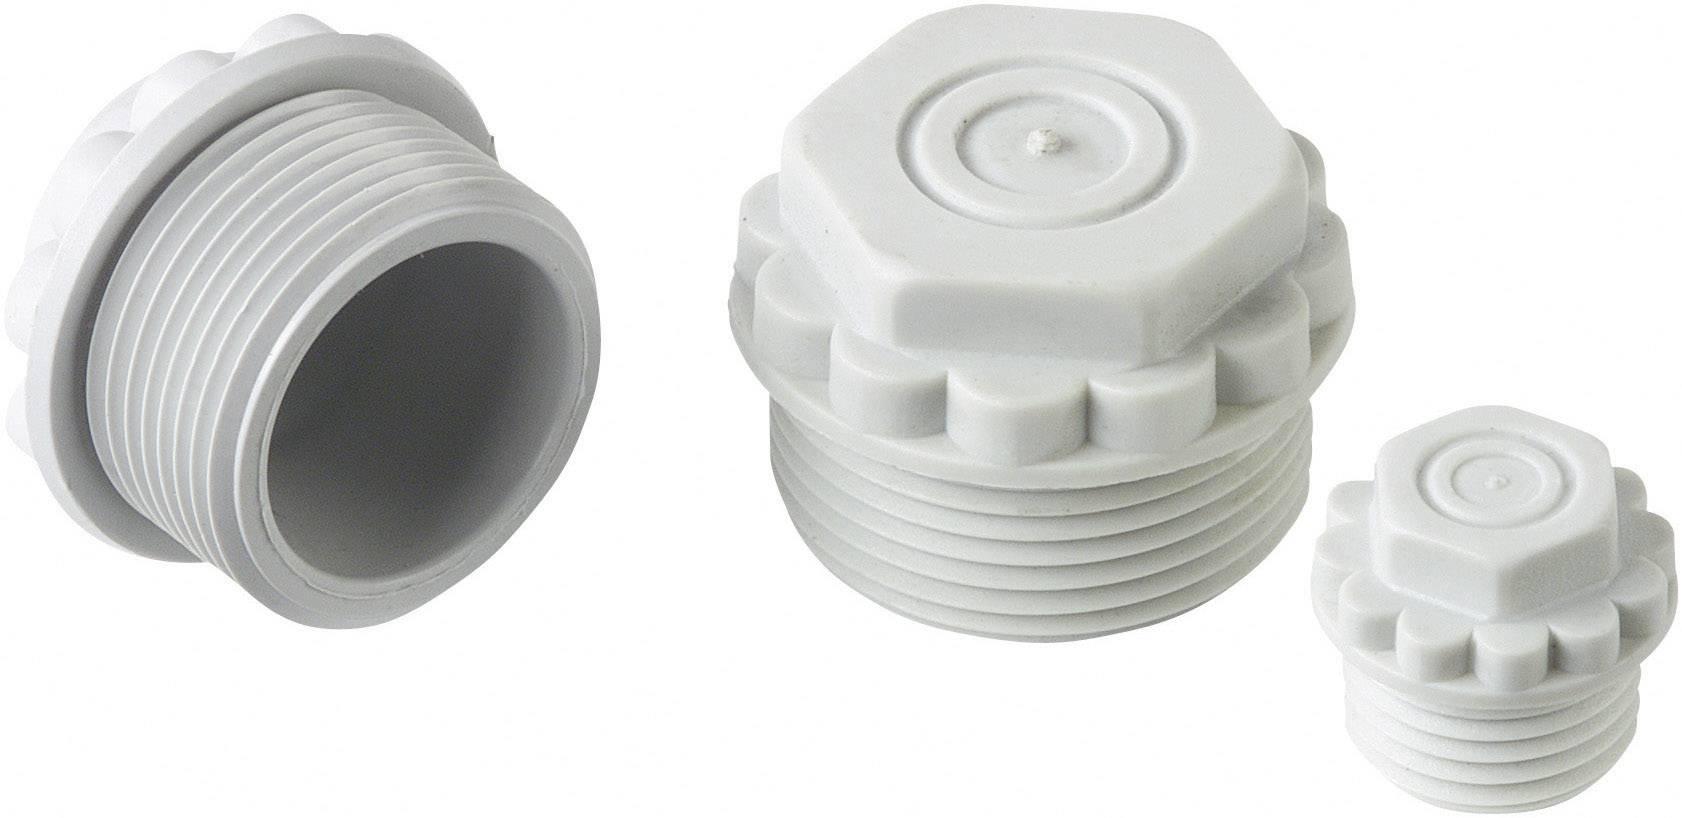 Záslepka LappKabel SKINDICHT® M32, s priepustnou membránou, polystyrén, 1 ks